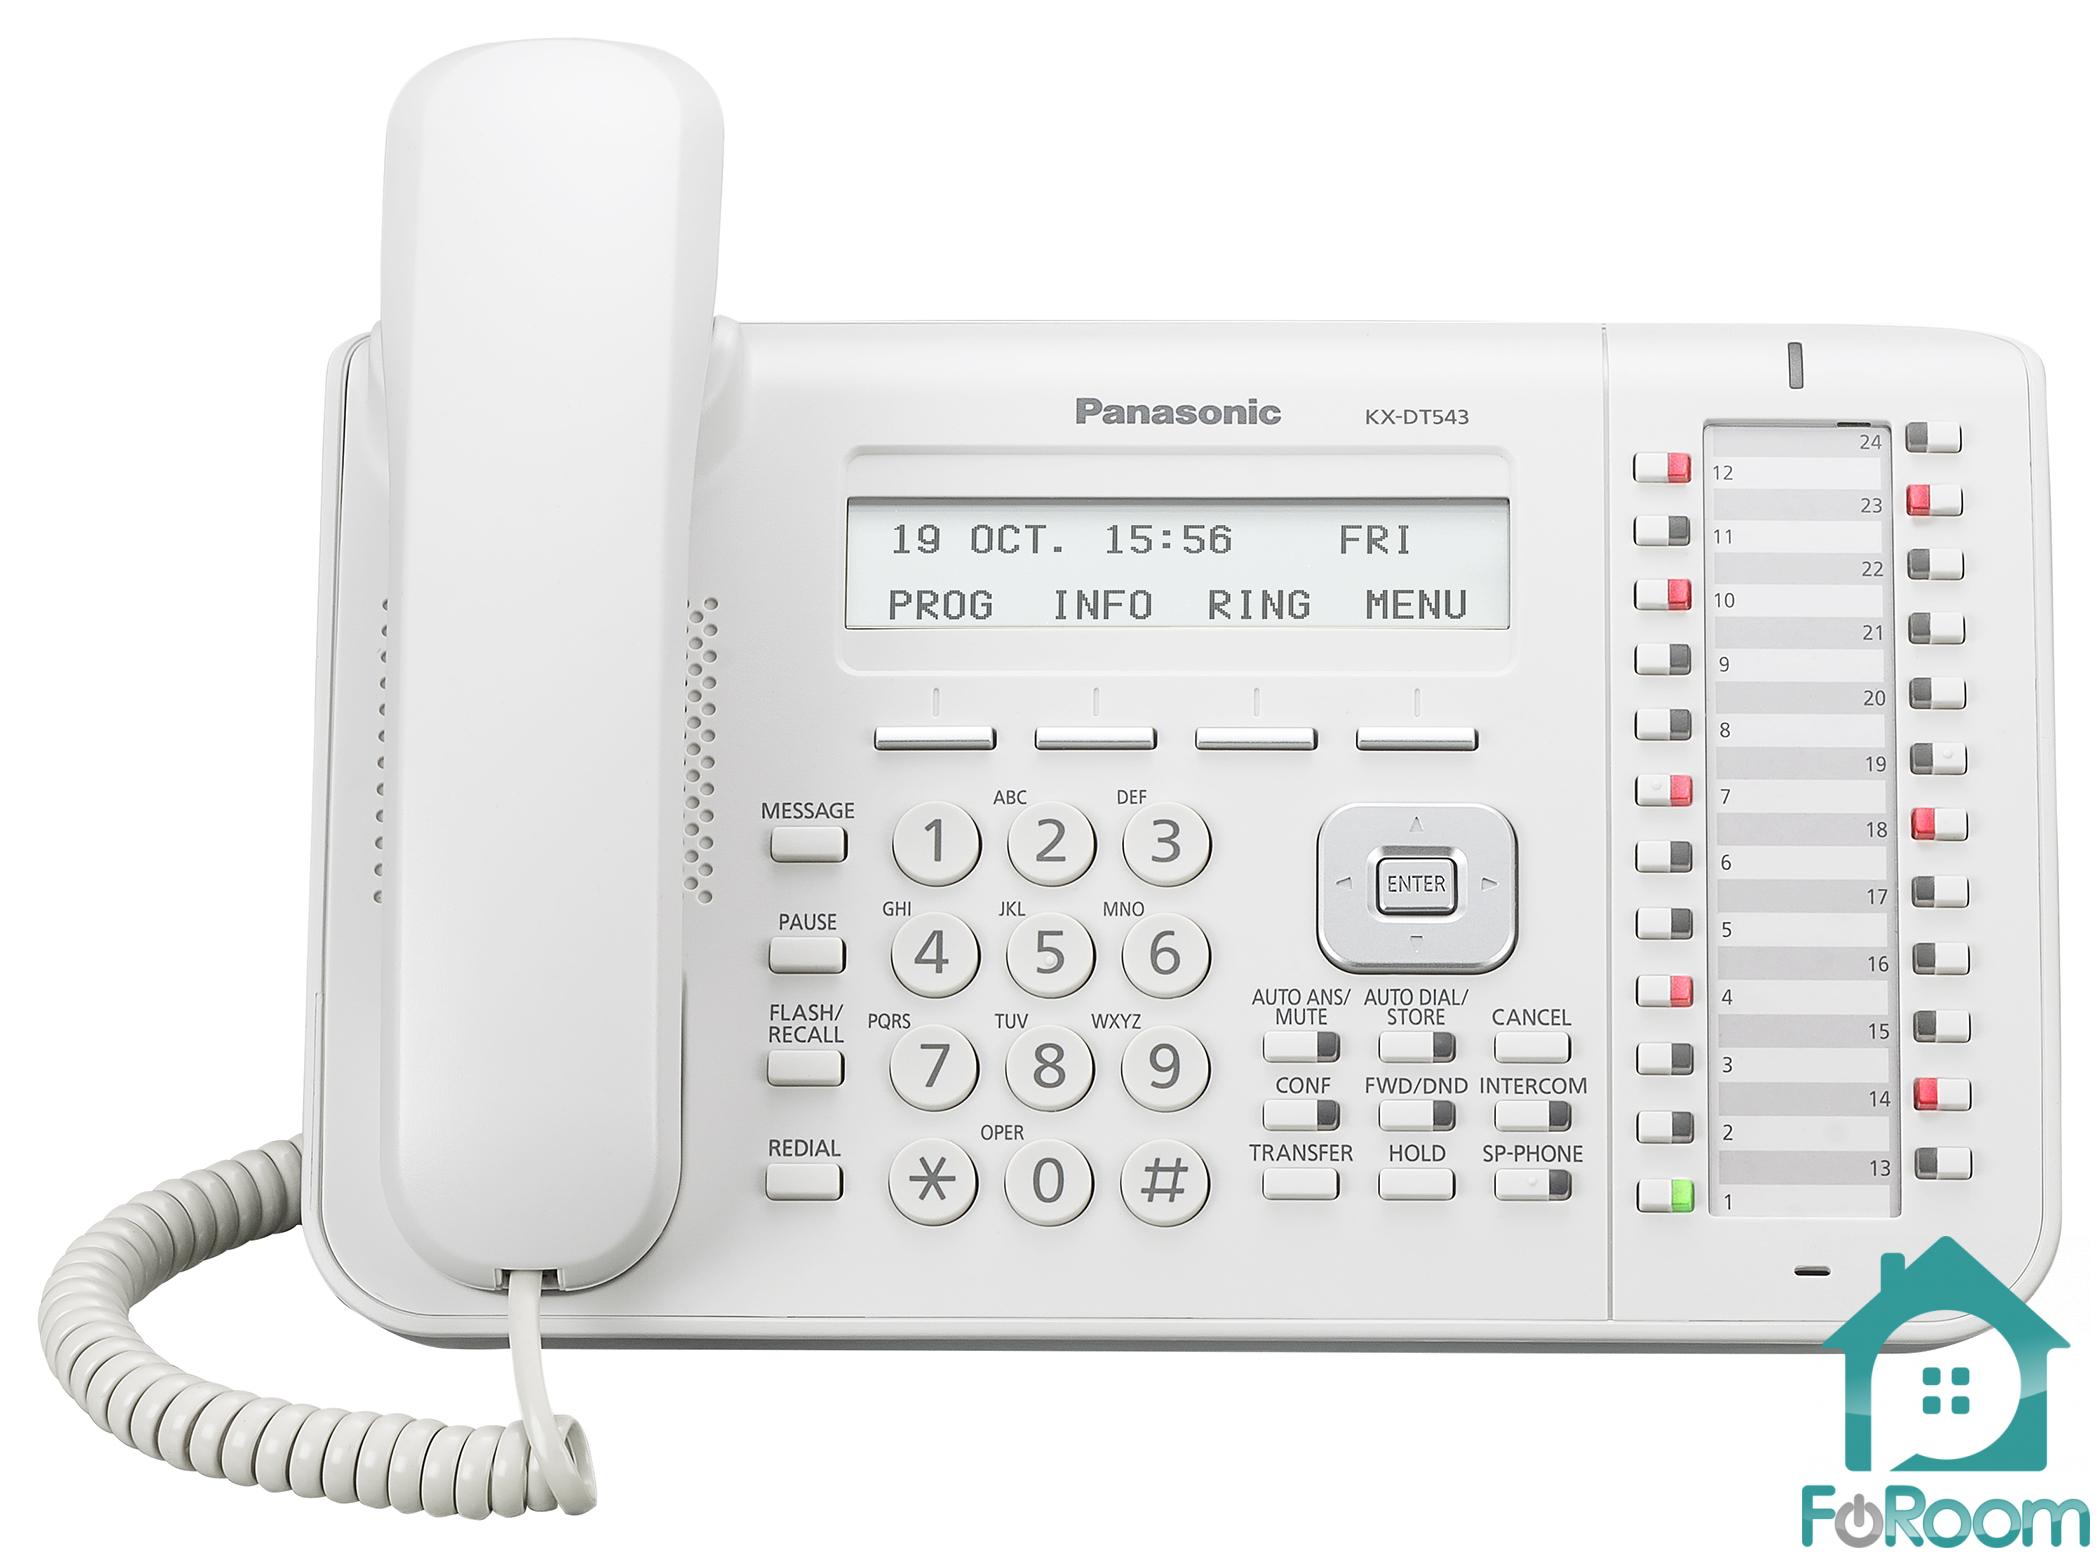 Panasonic Kx-dt543 инструкция скачать - фото 6